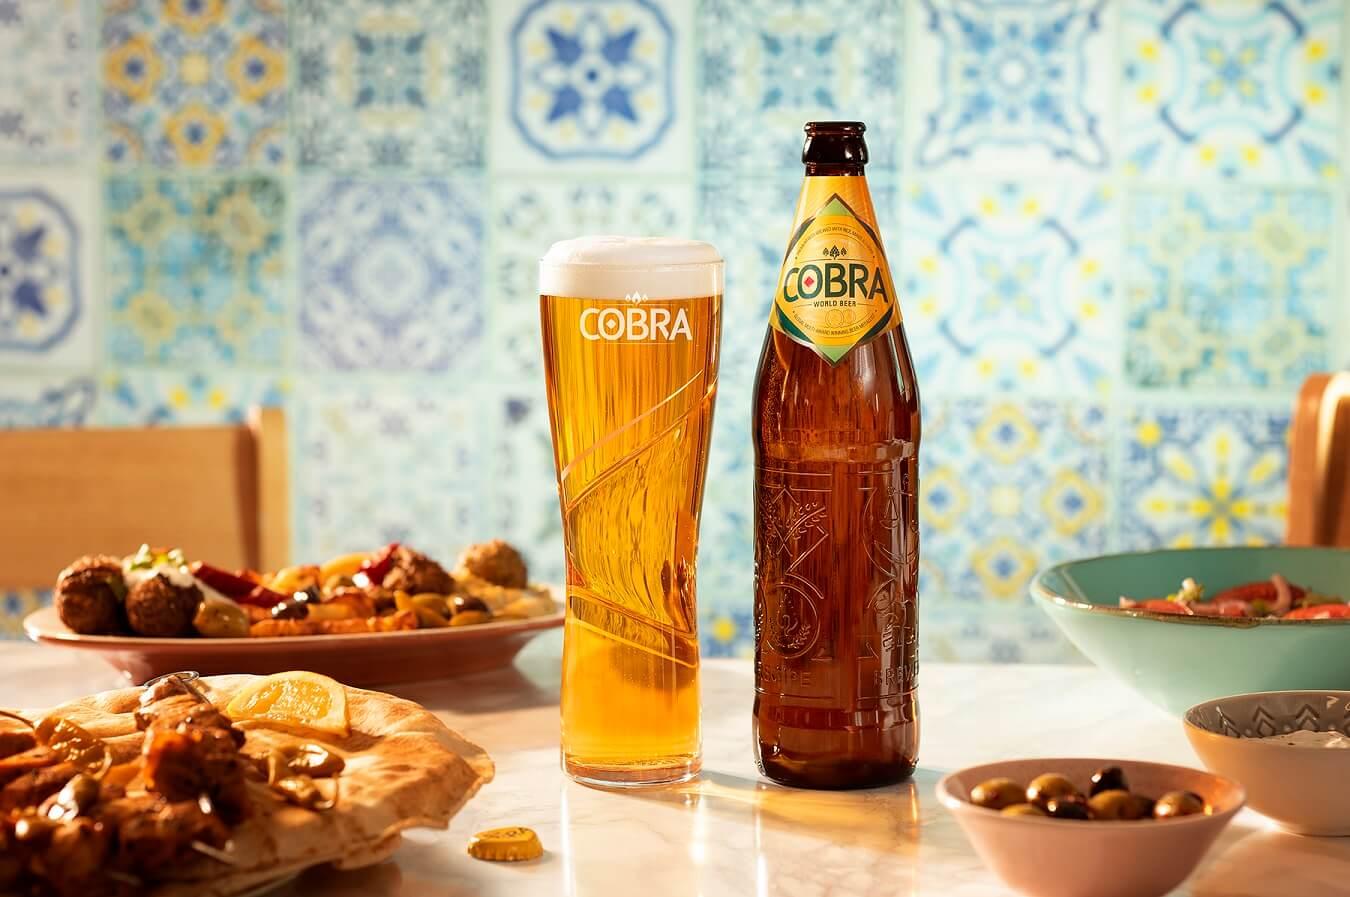 英国発プレミアムビール「コブラ」イメージ画像